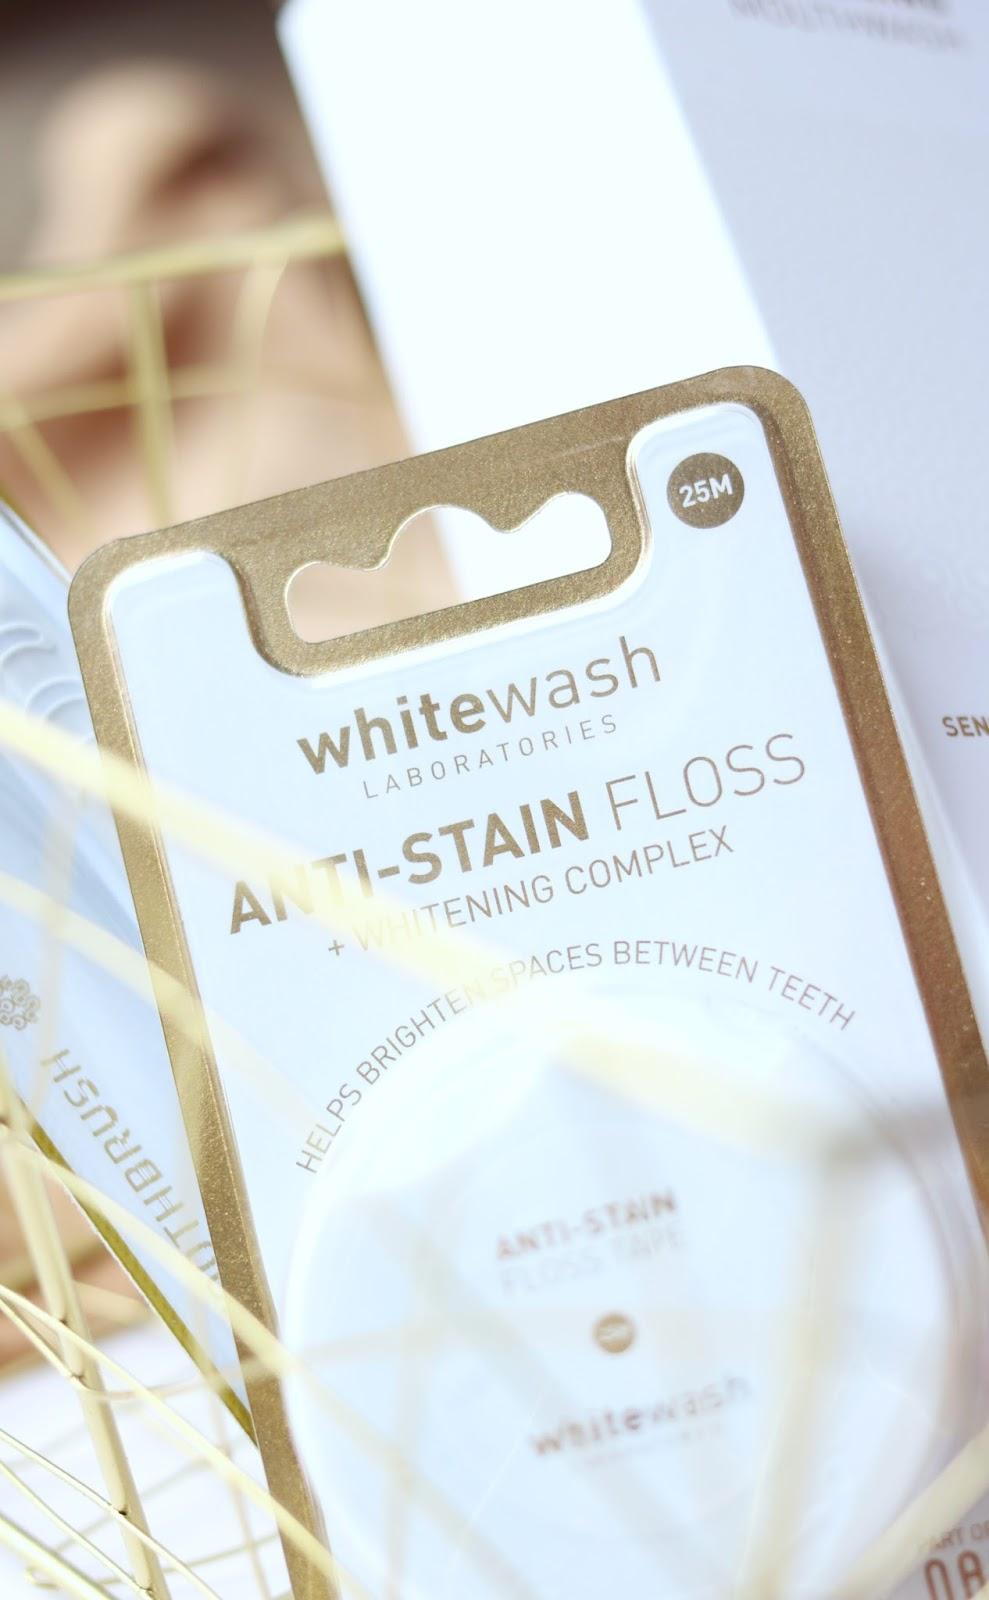 WhiteWash Laboratories Nano Range